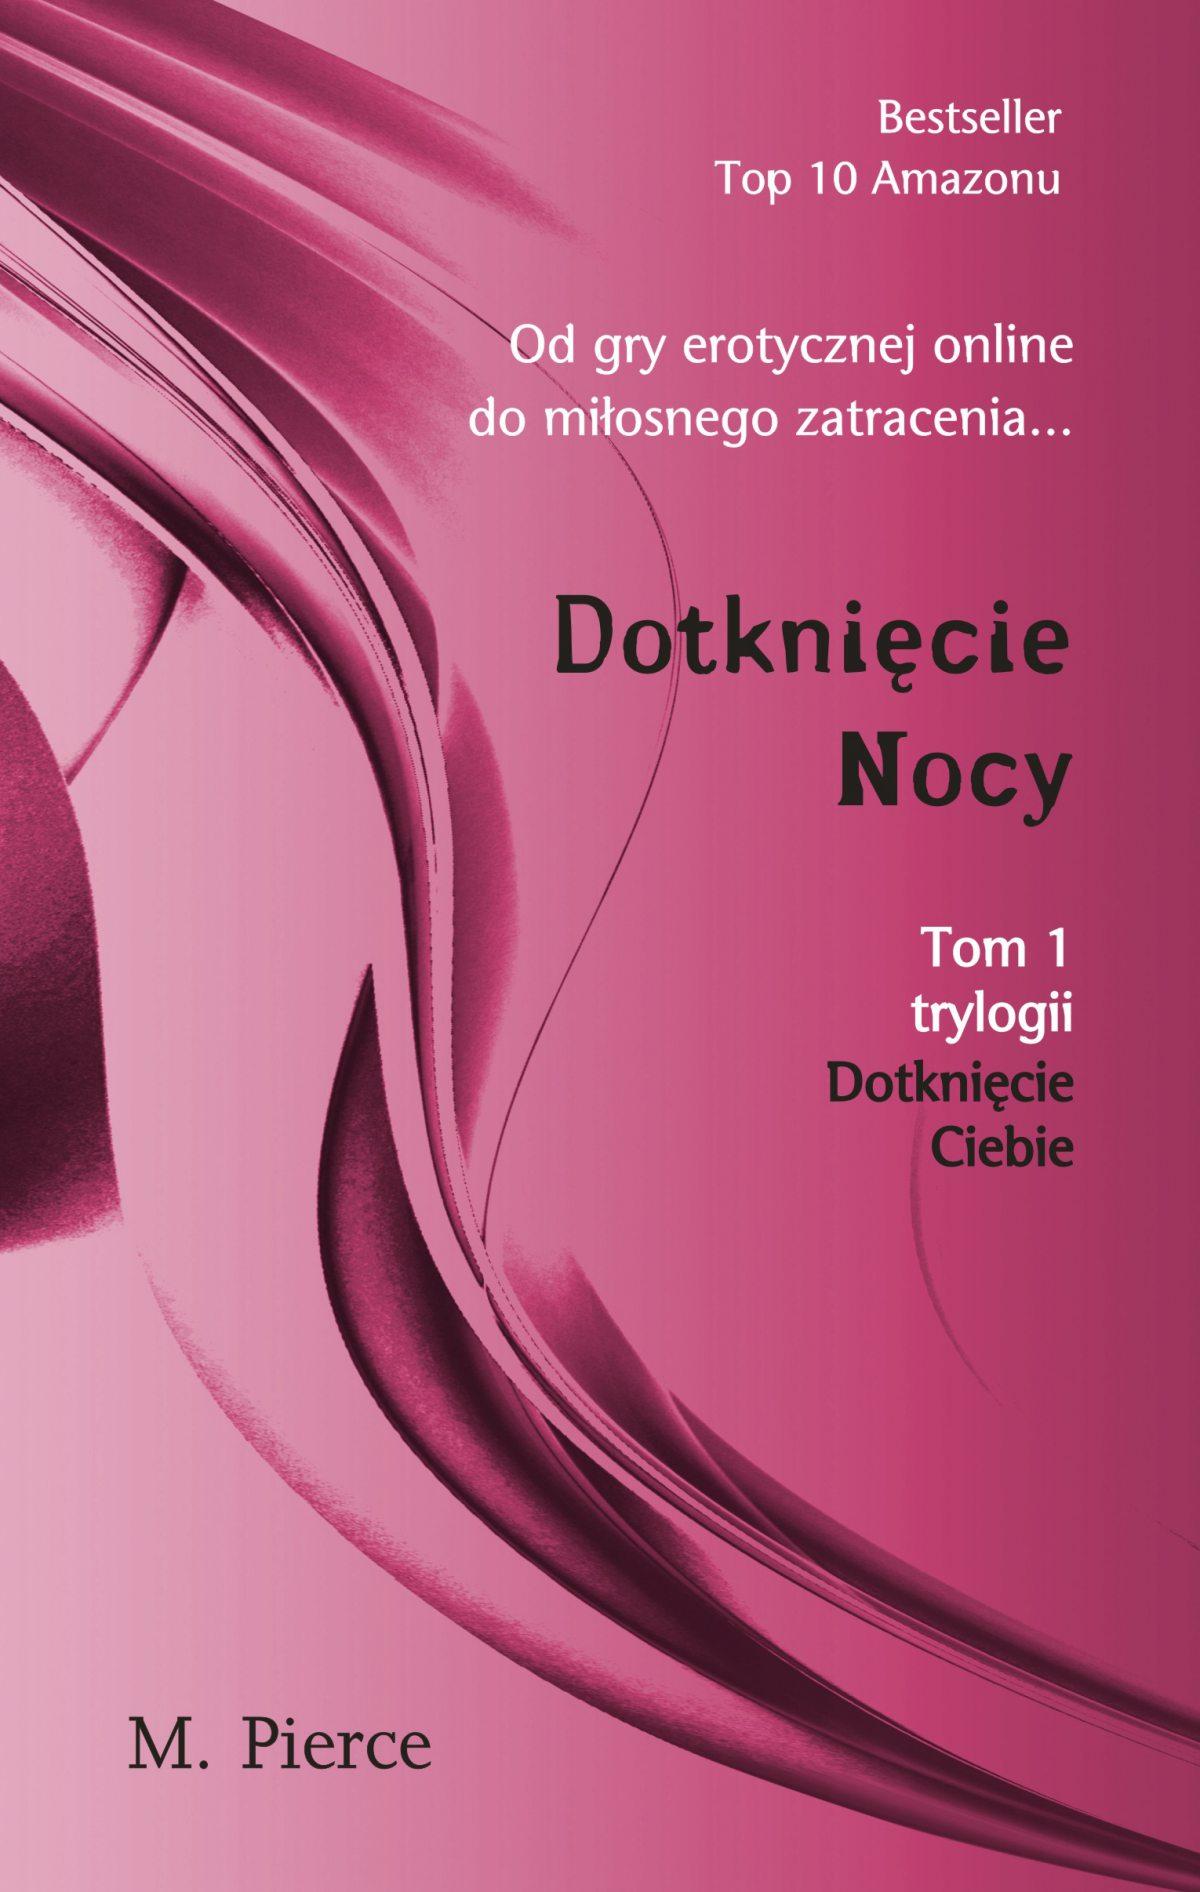 Dotknięcie nocy - Ebook (Książka na Kindle) do pobrania w formacie MOBI